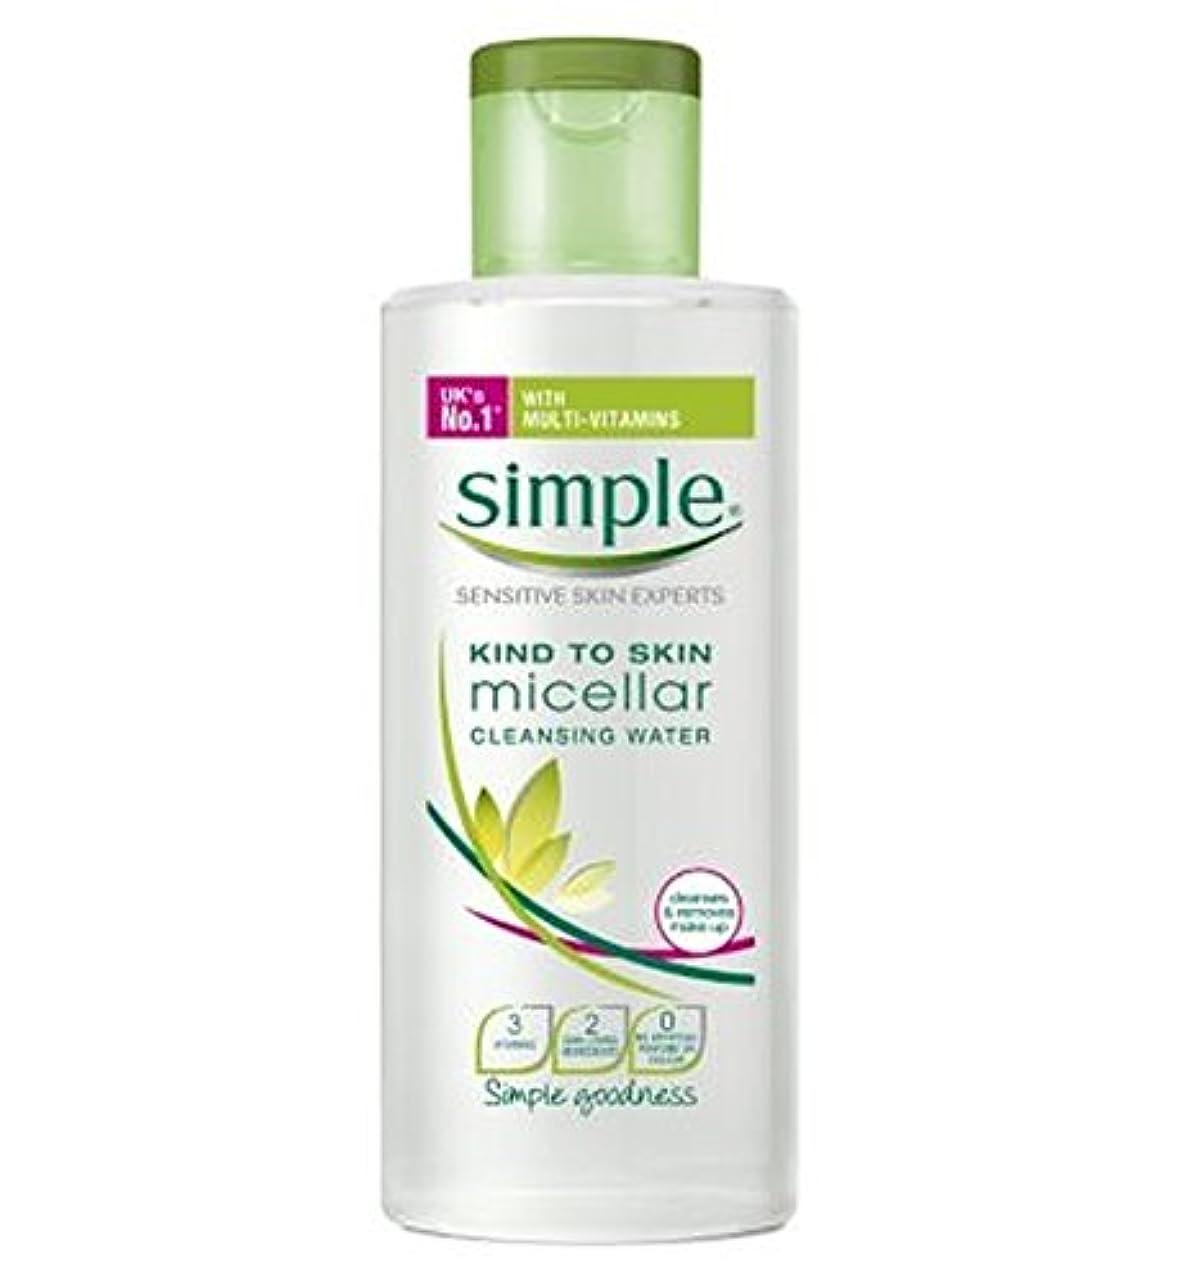 推定倫理スーダンSimple Kind To Skin Micellar Cleansing Water 200ml - 皮膚ミセル洗浄水200ミリリットルに簡単な種類 (Simple) [並行輸入品]